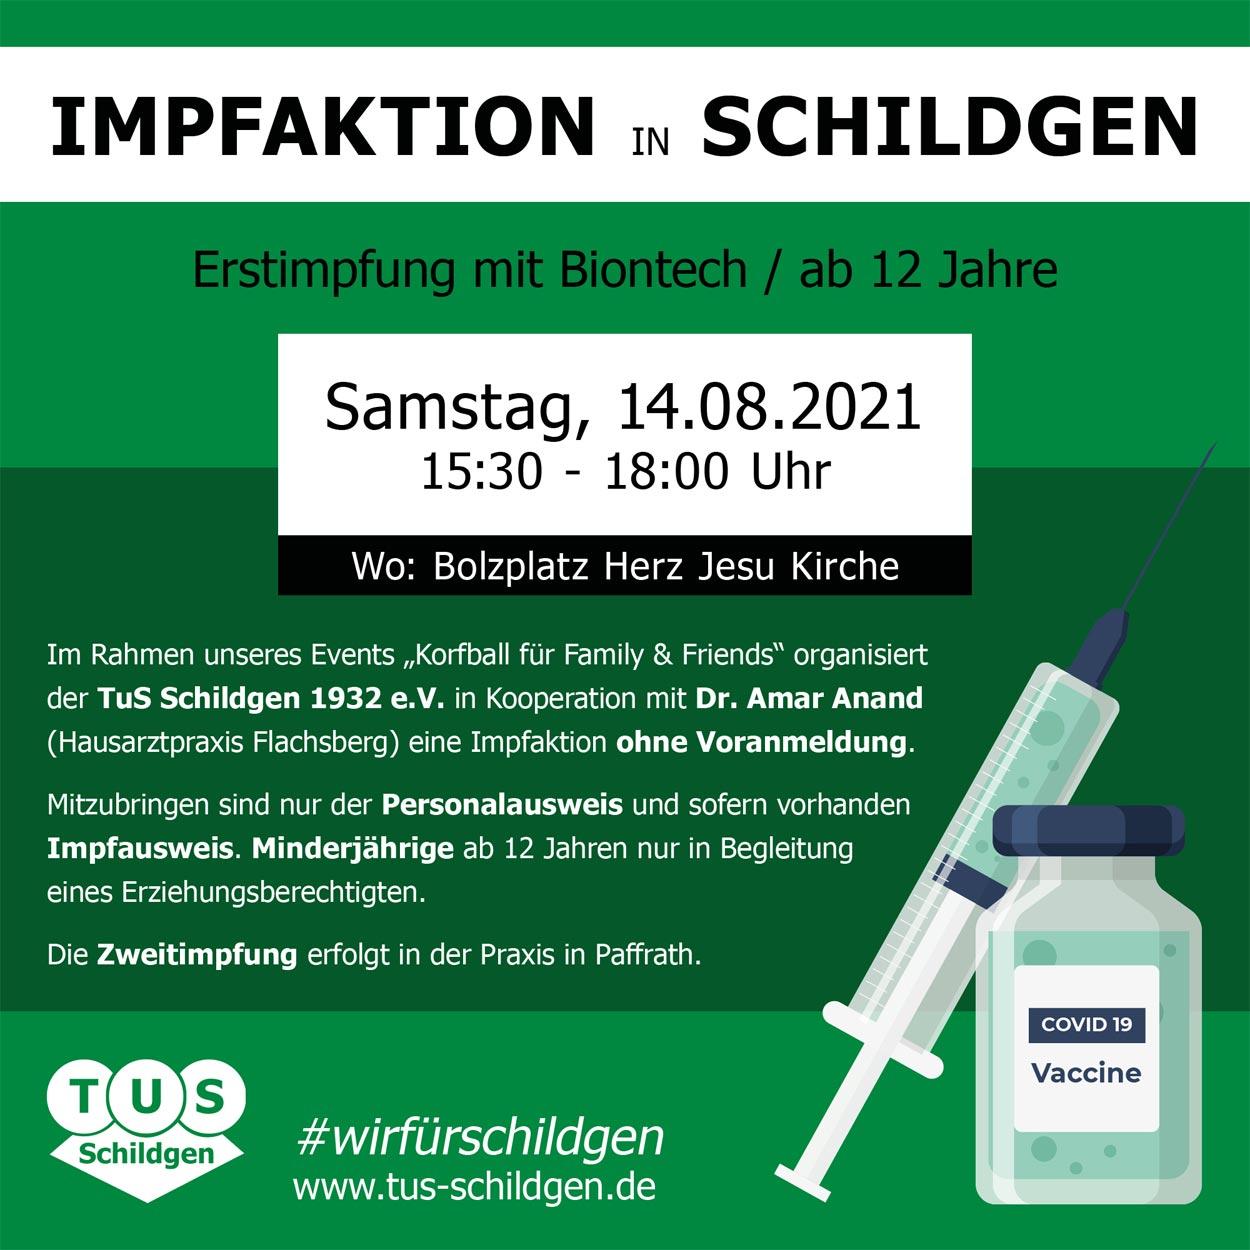 You are currently viewing Impfaktion am 14.08.2021 in Schildgen / Korfball für Family & Friends